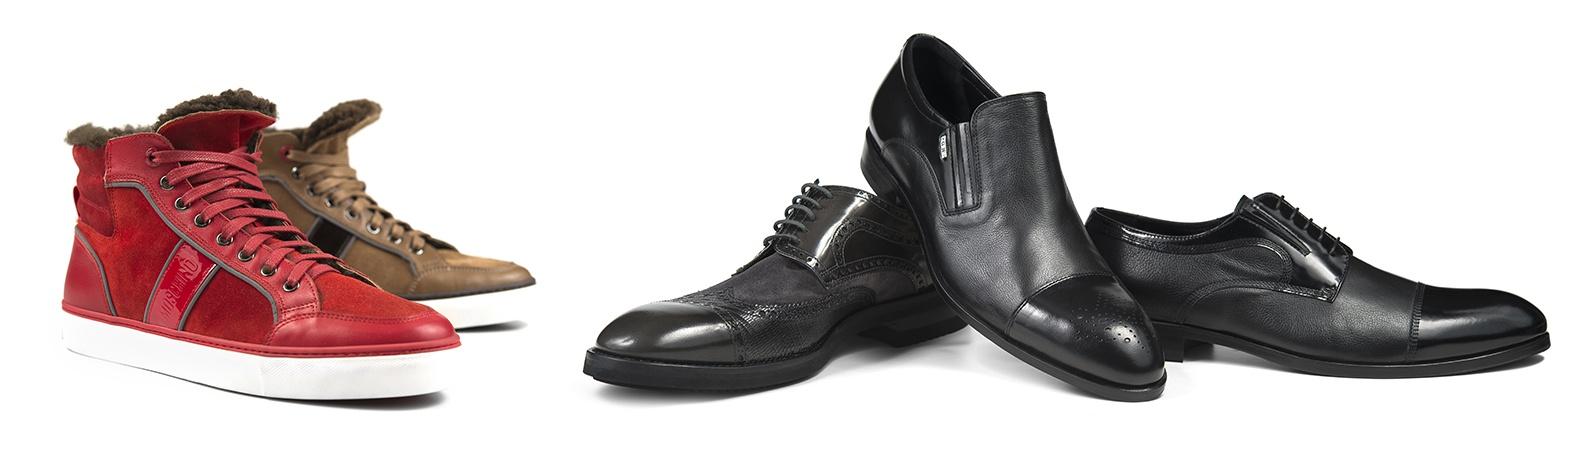 модельная обувь зимняя: